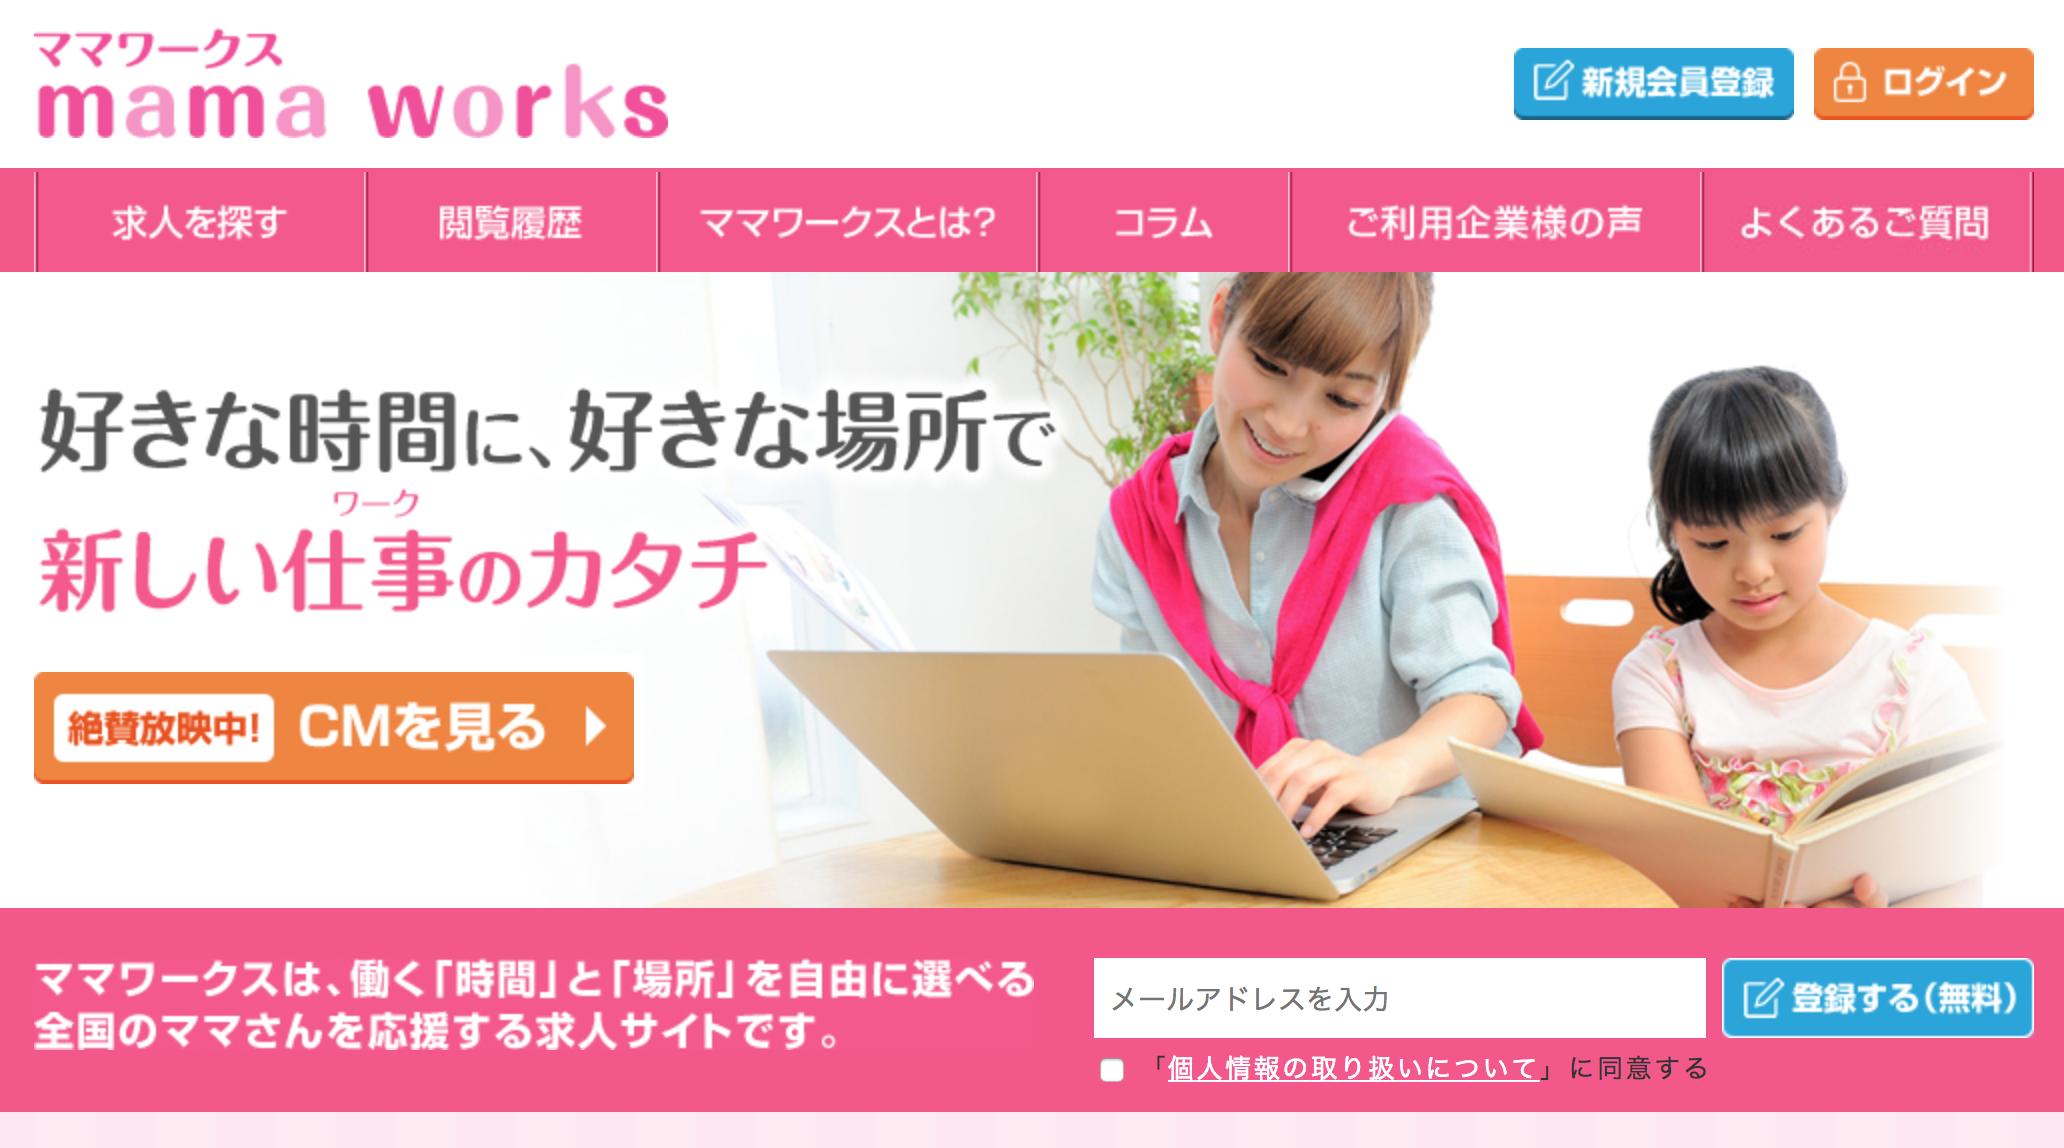 働く「時間」と「場所」を自由に選べる主婦のための求人応援サイト「ママワークス」